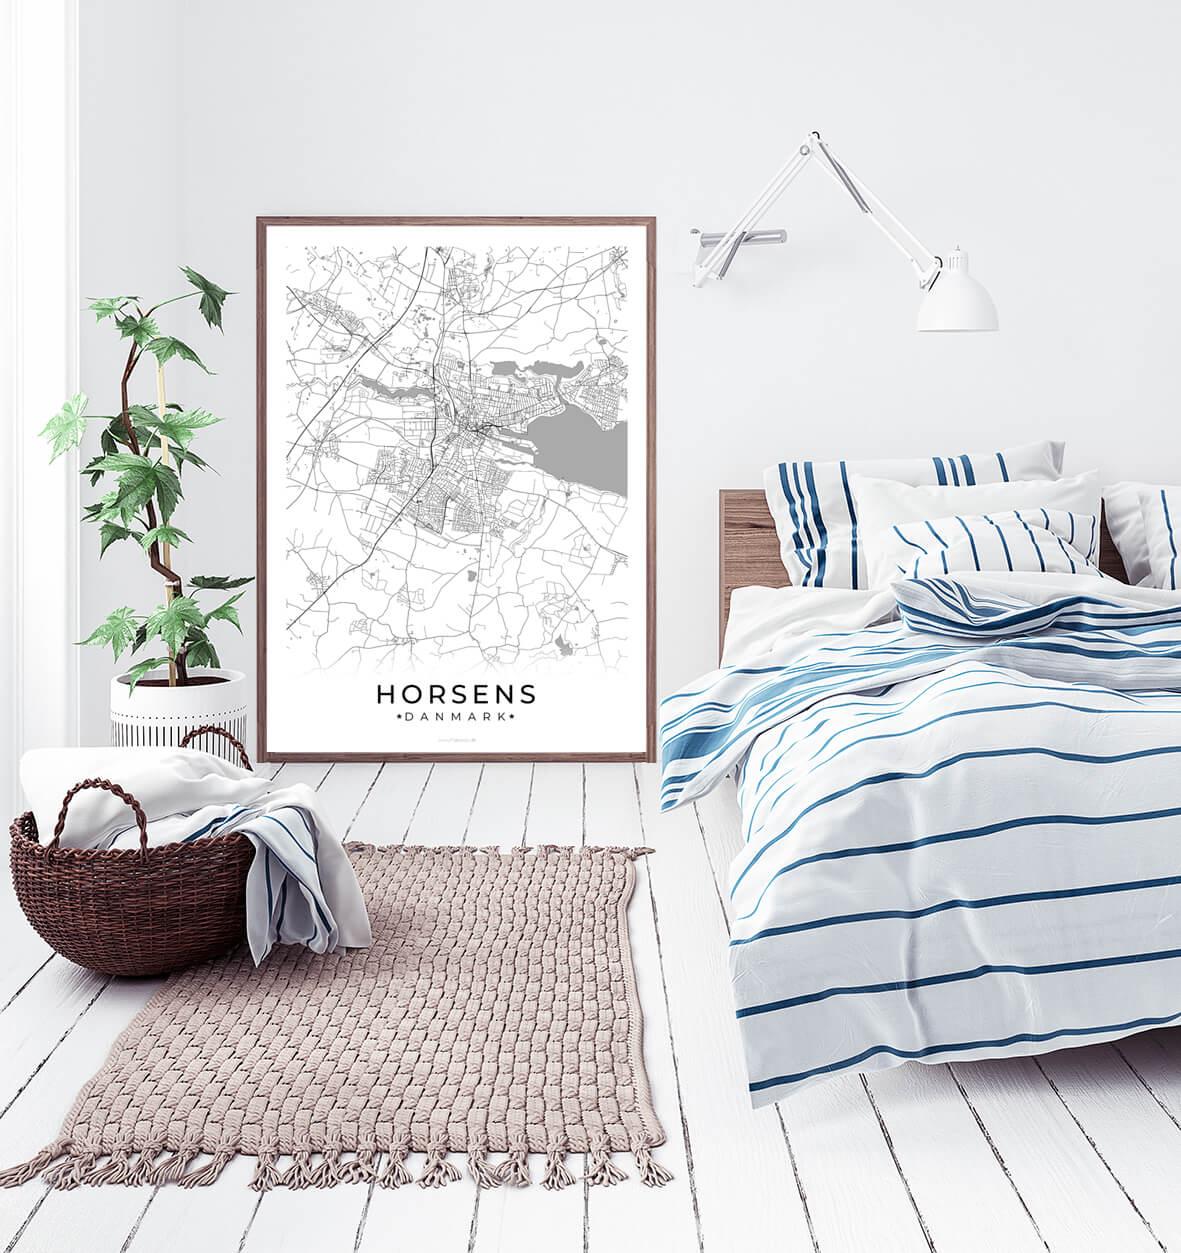 Horsens-hvid-byplakat-2